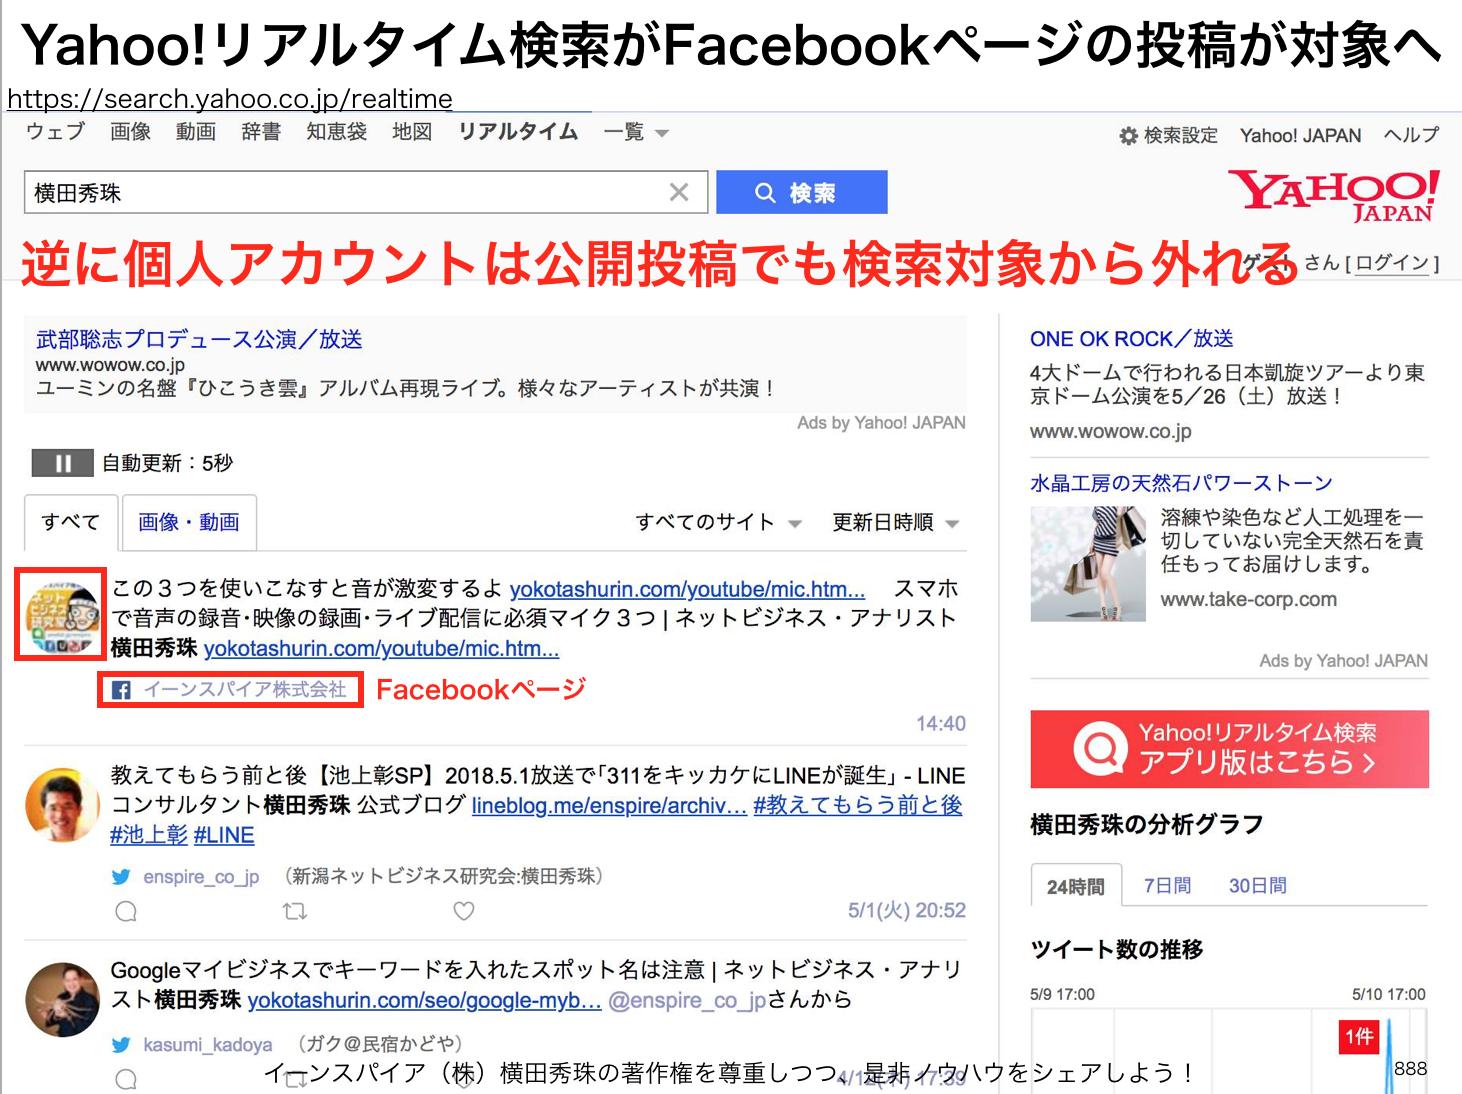 Yahoo!リアルタイム検索でヒットするのはFacebookページのみで個人アカウントは公開投稿でも対象外へ